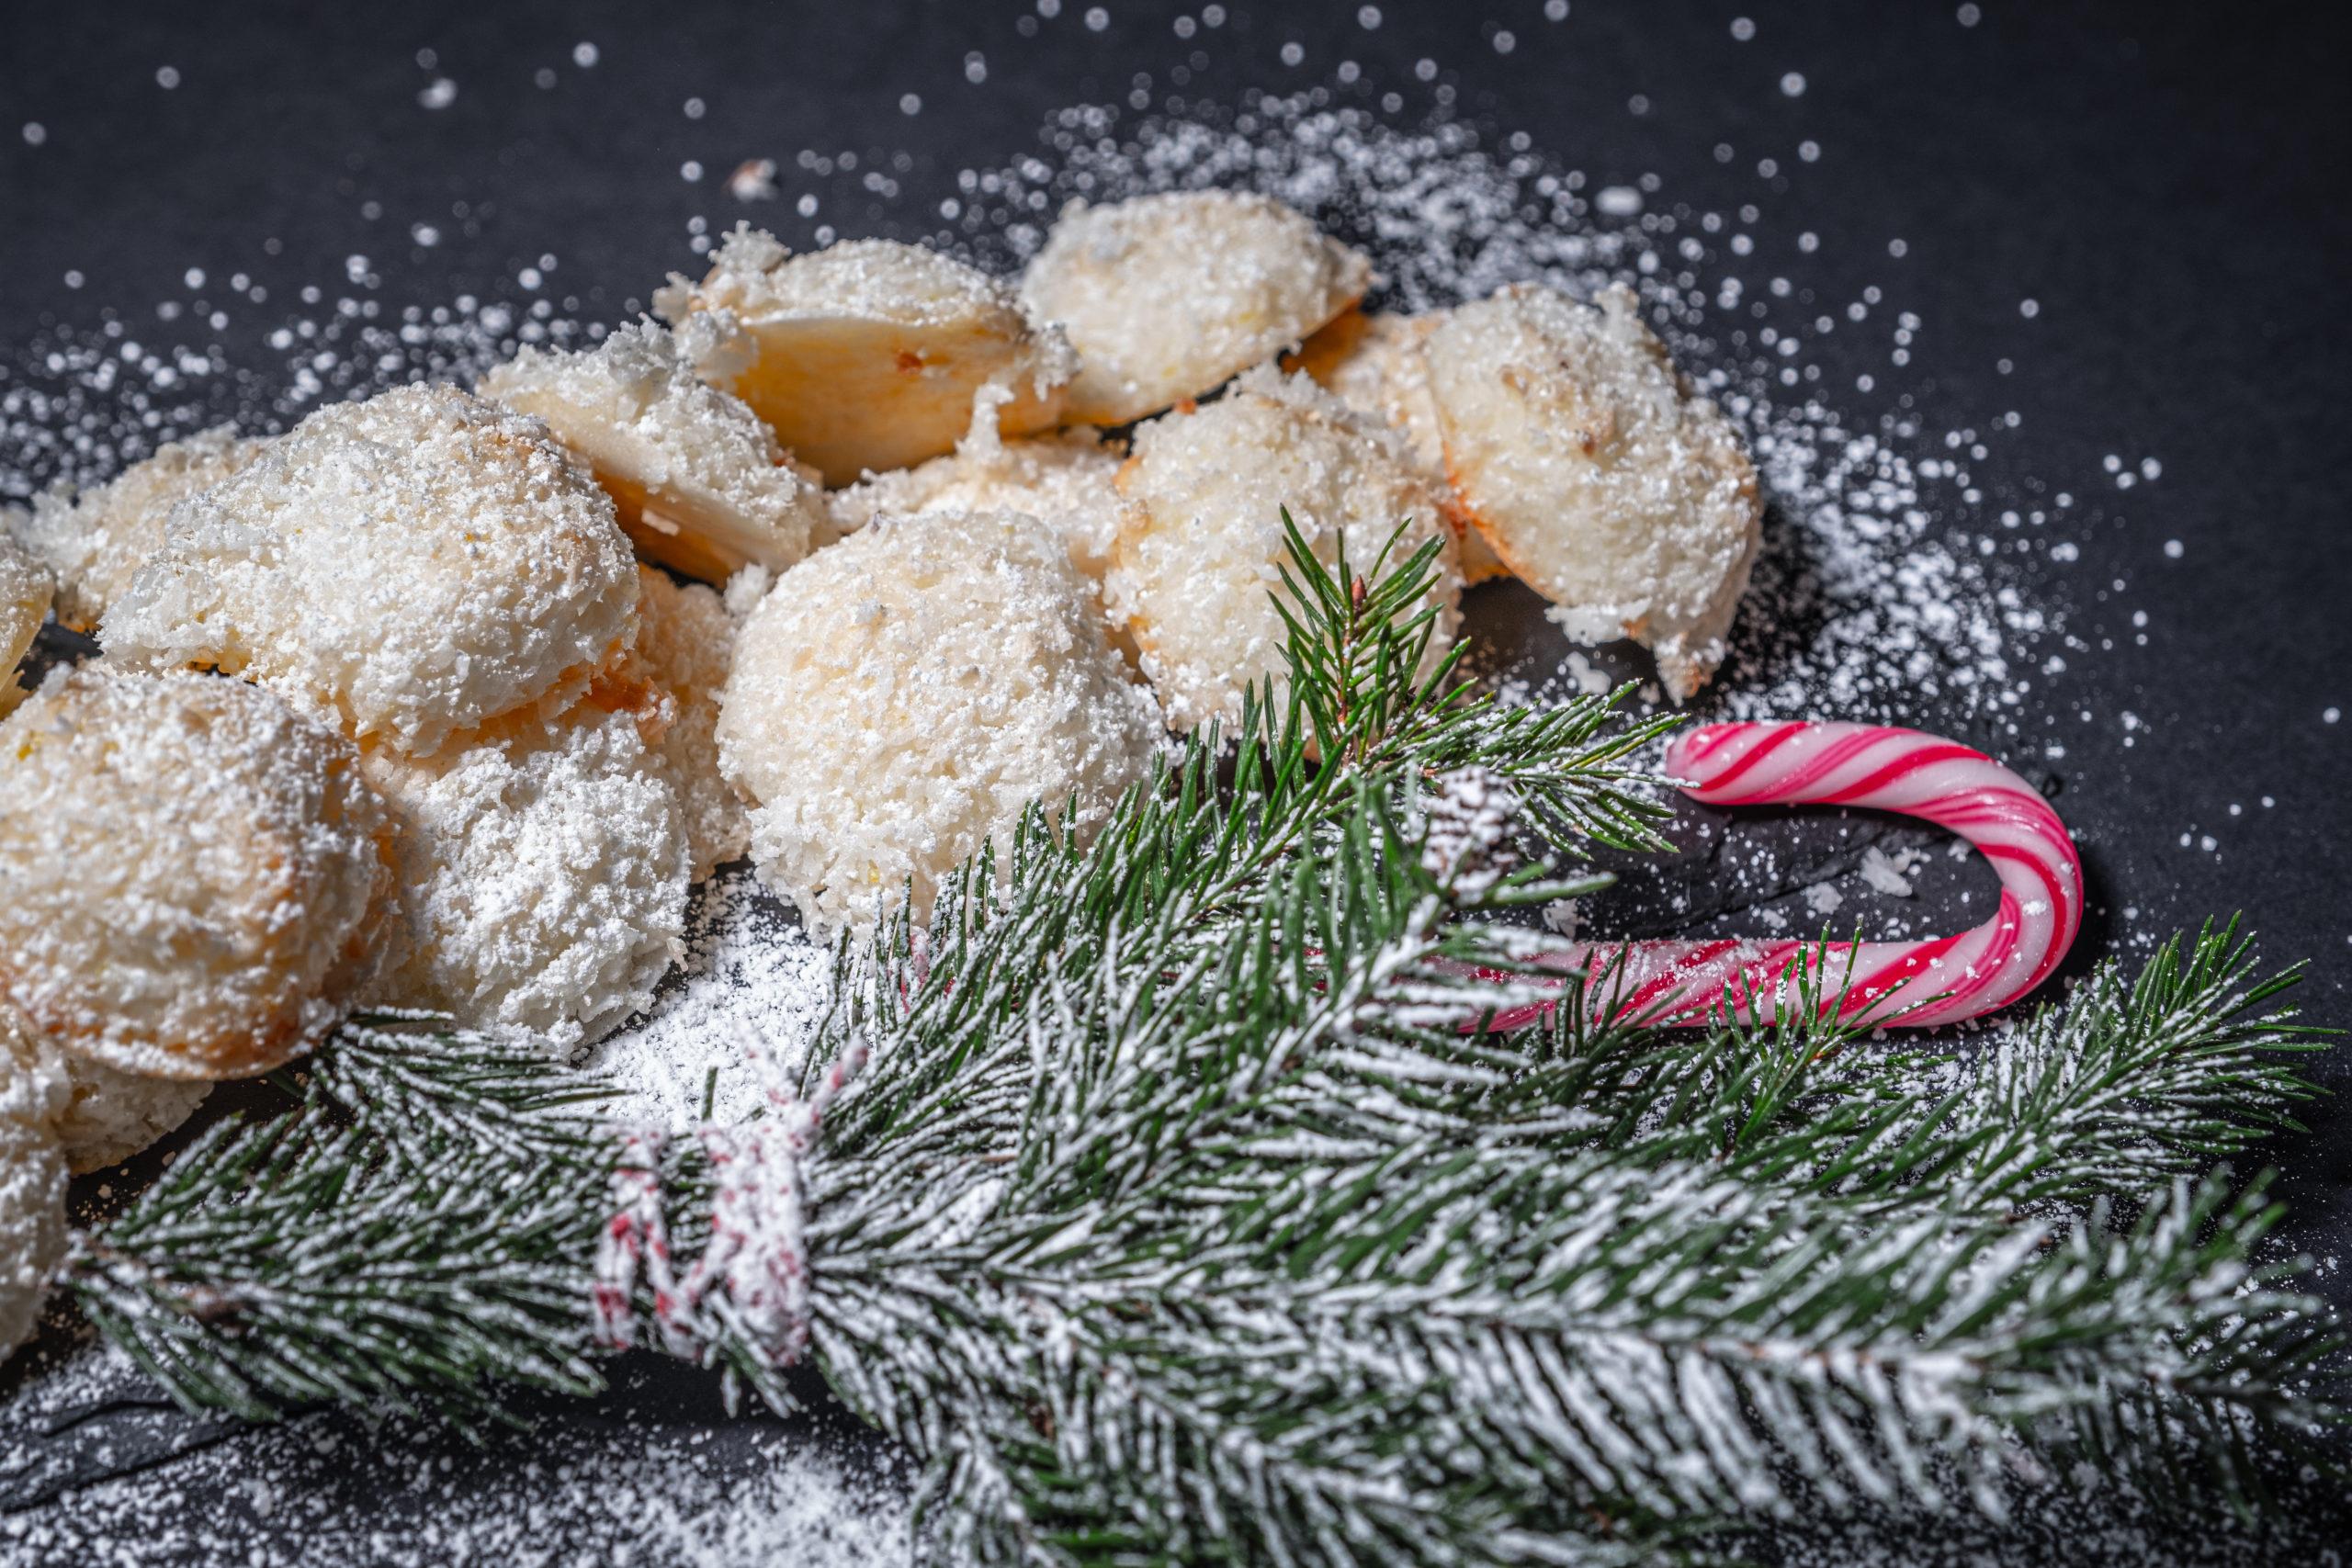 Kokosmakronen zu Weihnachten für Kunden